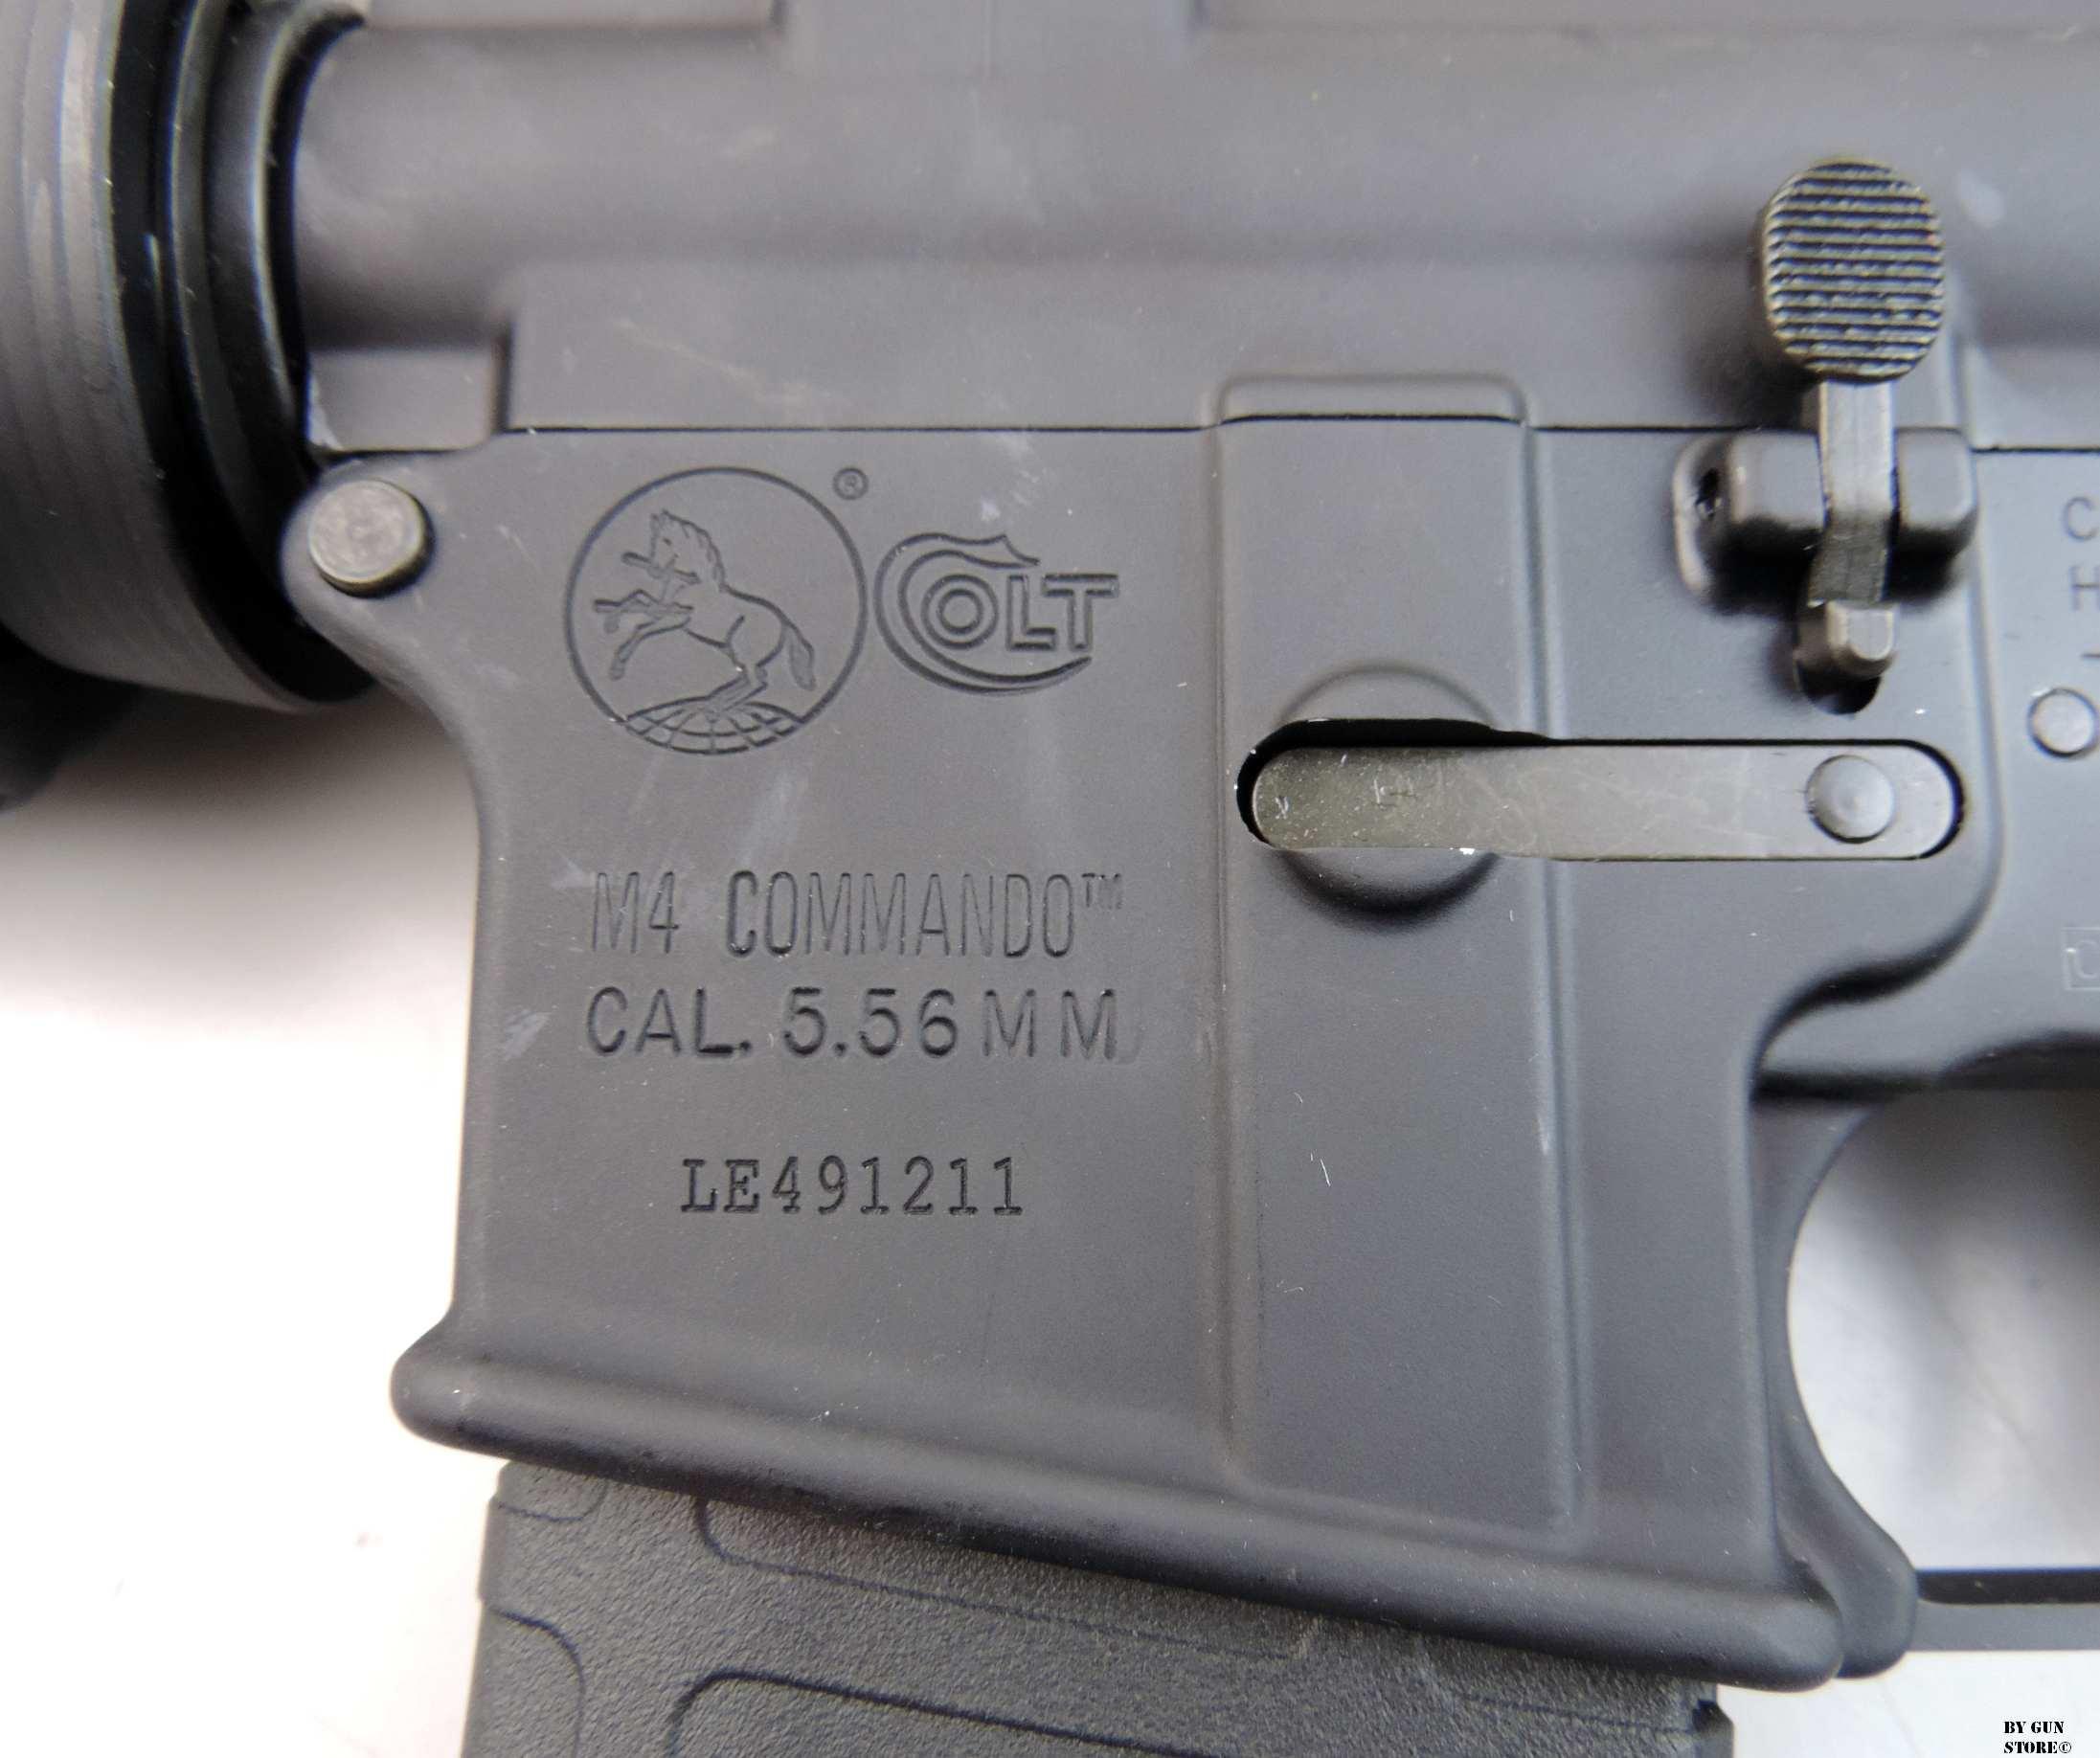 Carbine Colt mod  M4 Commando 12